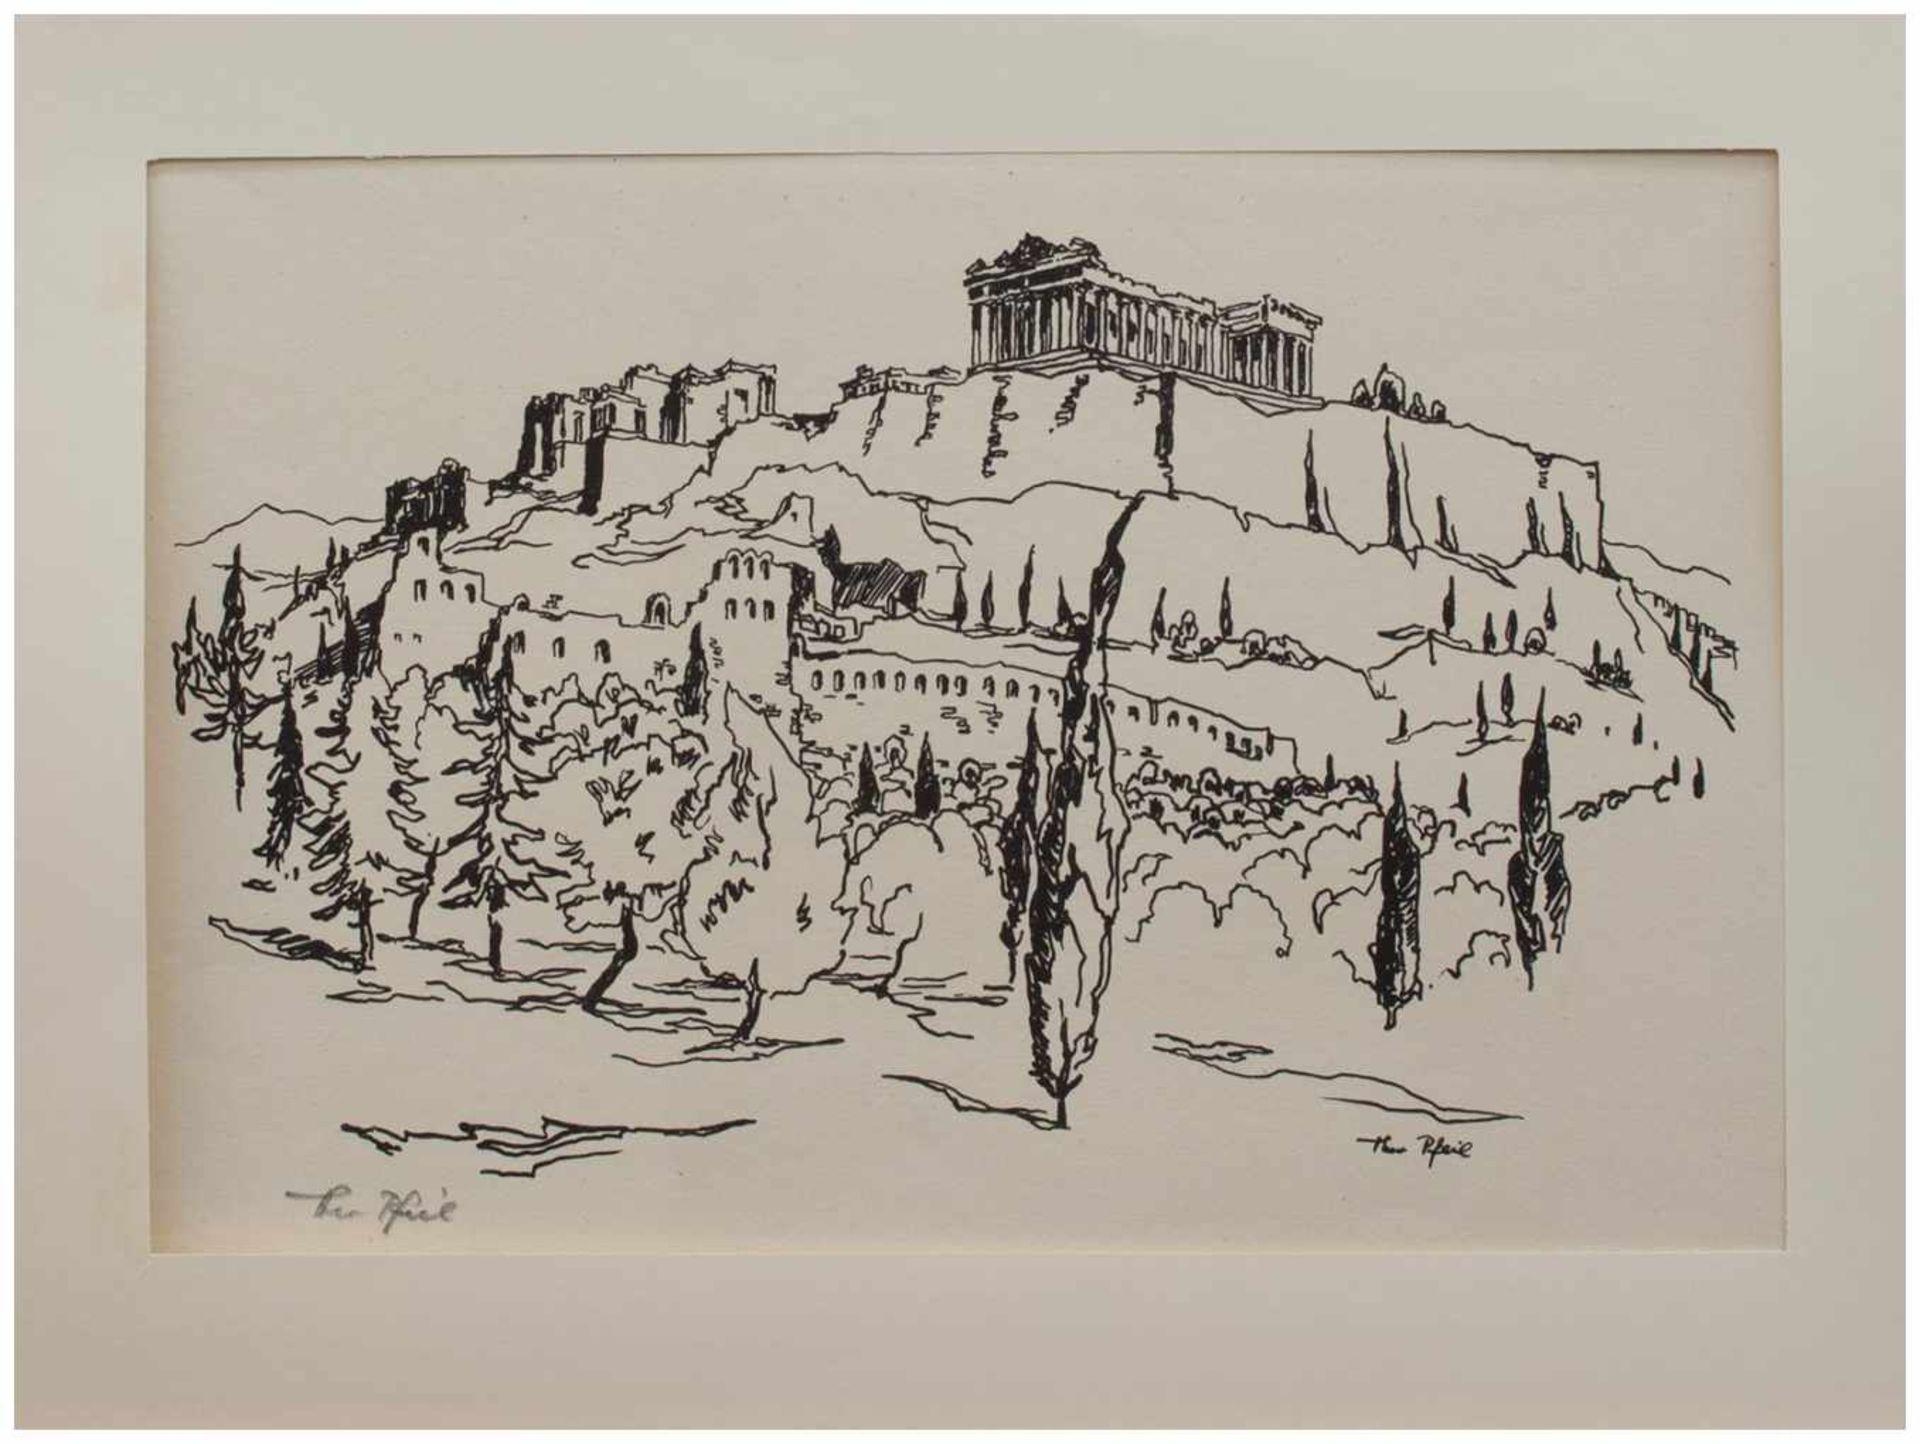 Los 26 - Theo Pfeil (Düren/ Rheinland 1903 - ?, deutscher Maler u. Grafiker, zahlreiche Reisen, lebte in